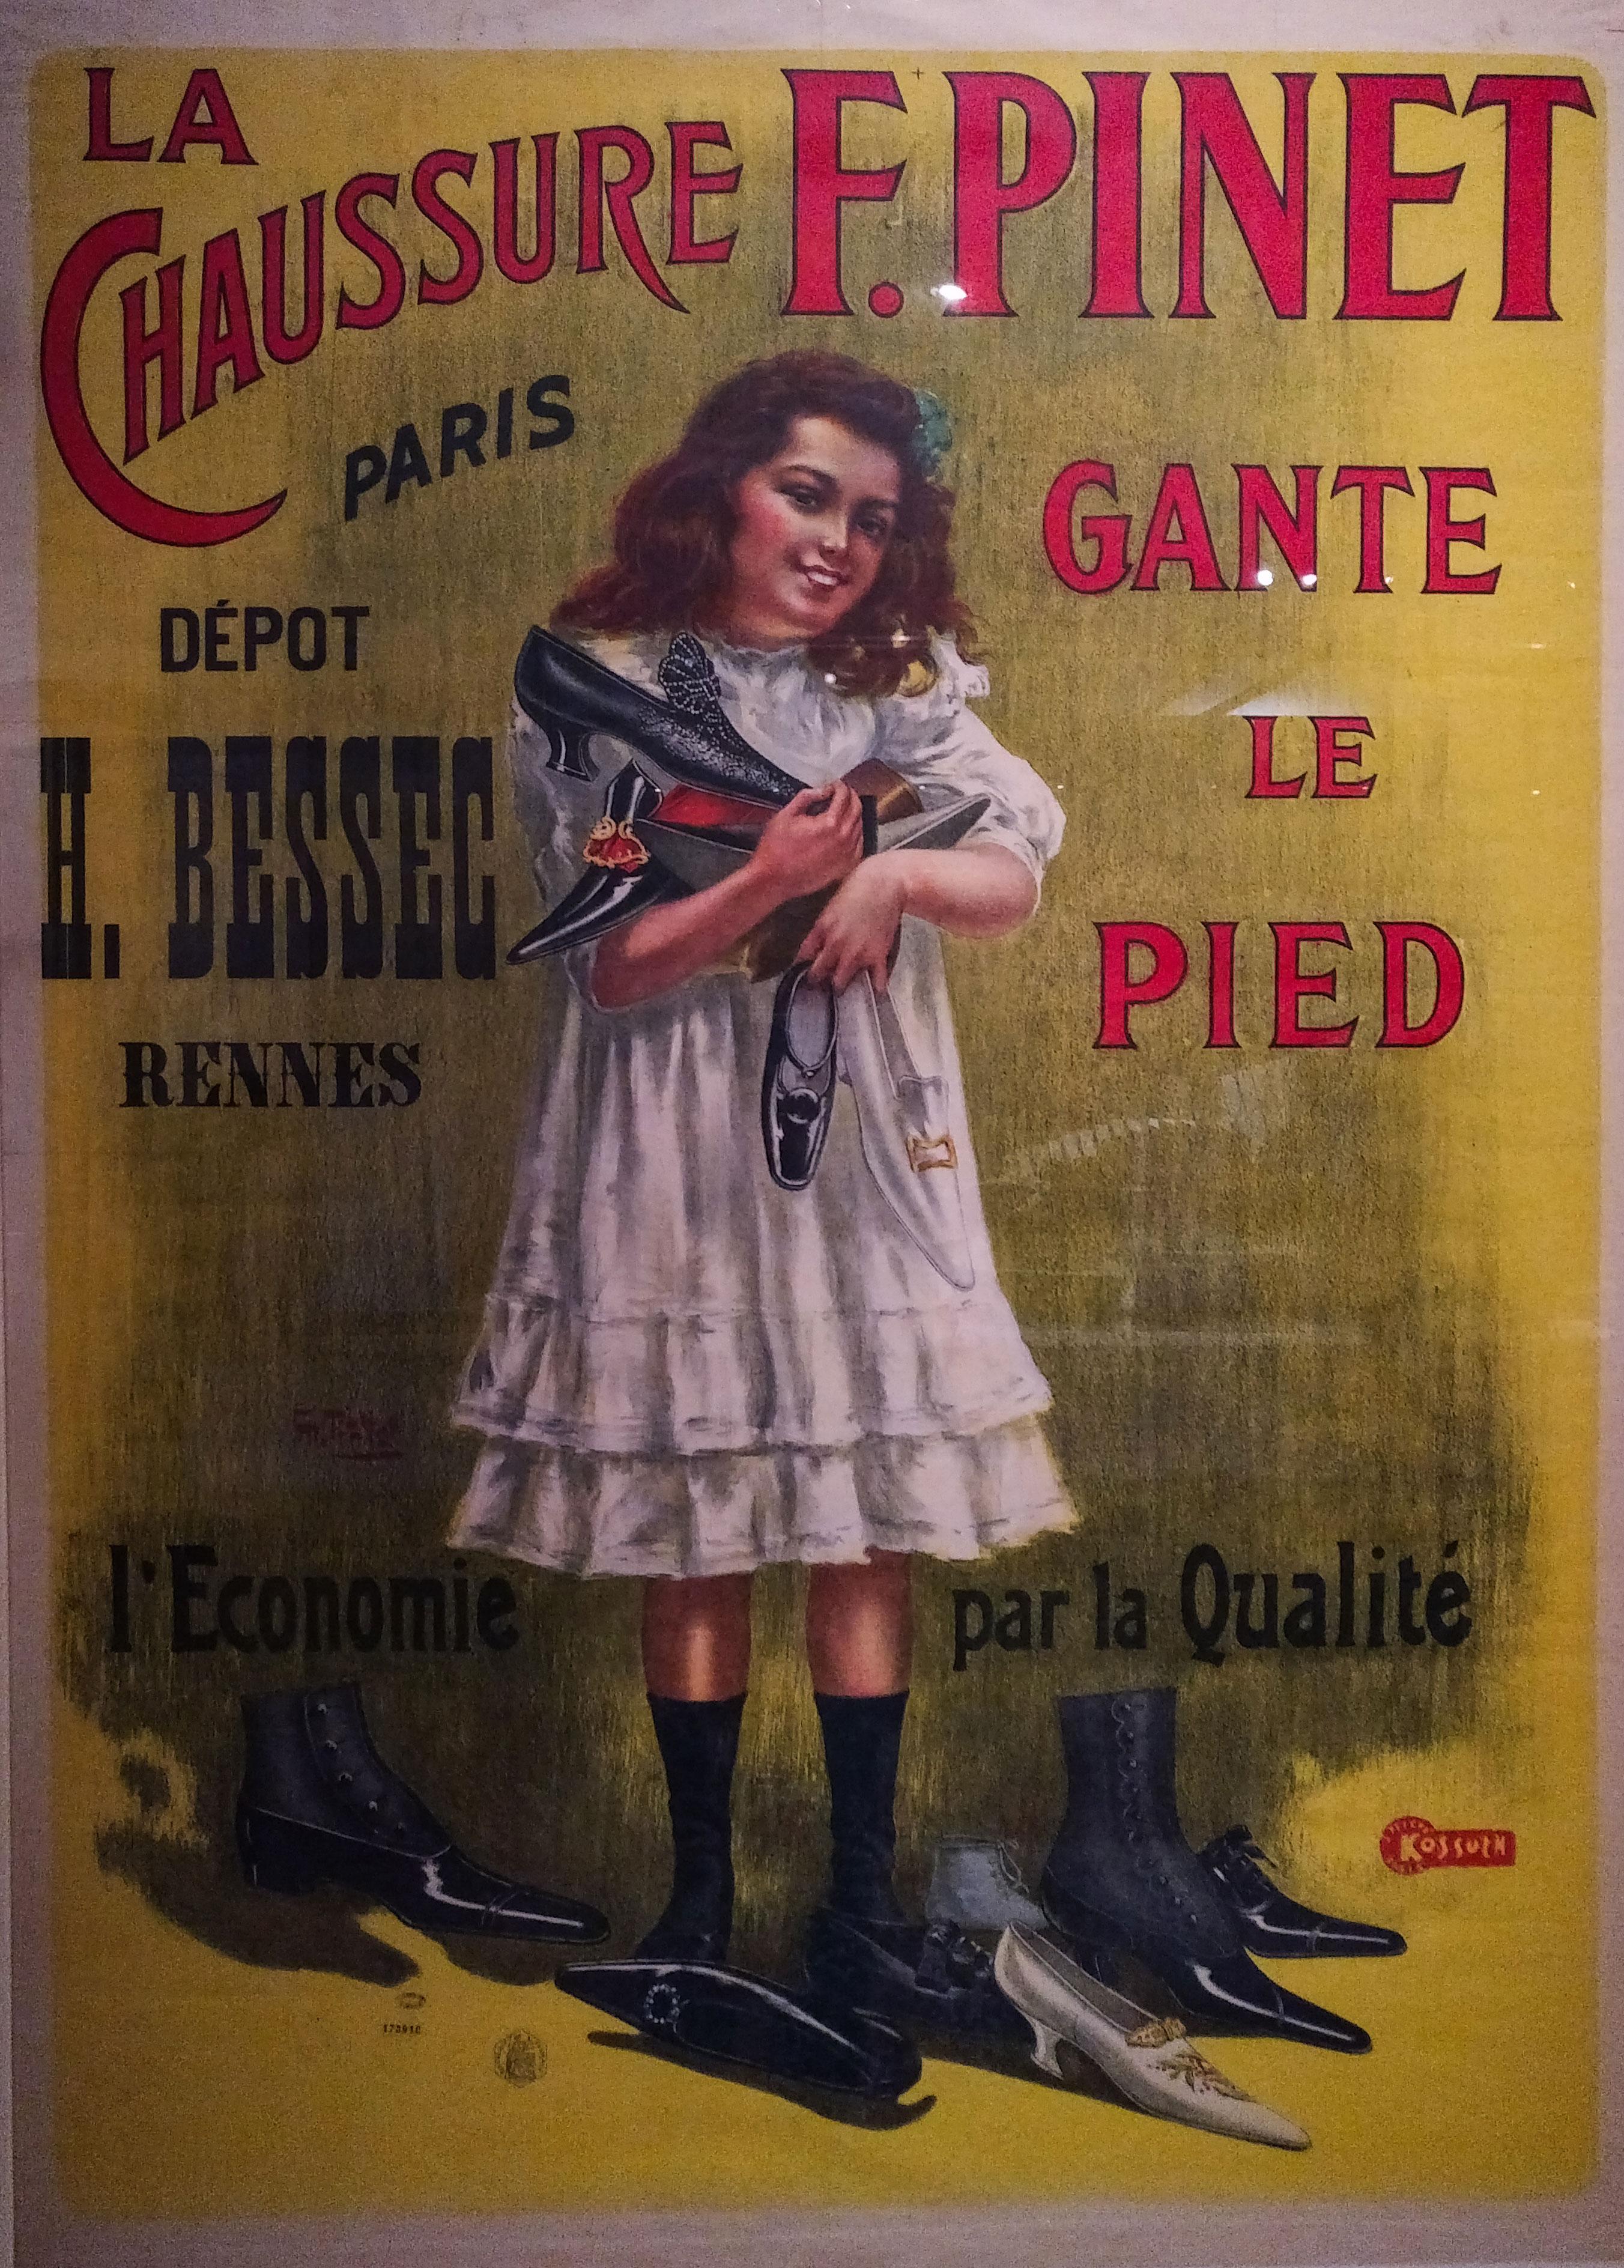 affiche de la marque Pinet où une jeune fille tient dans les bras des souliers